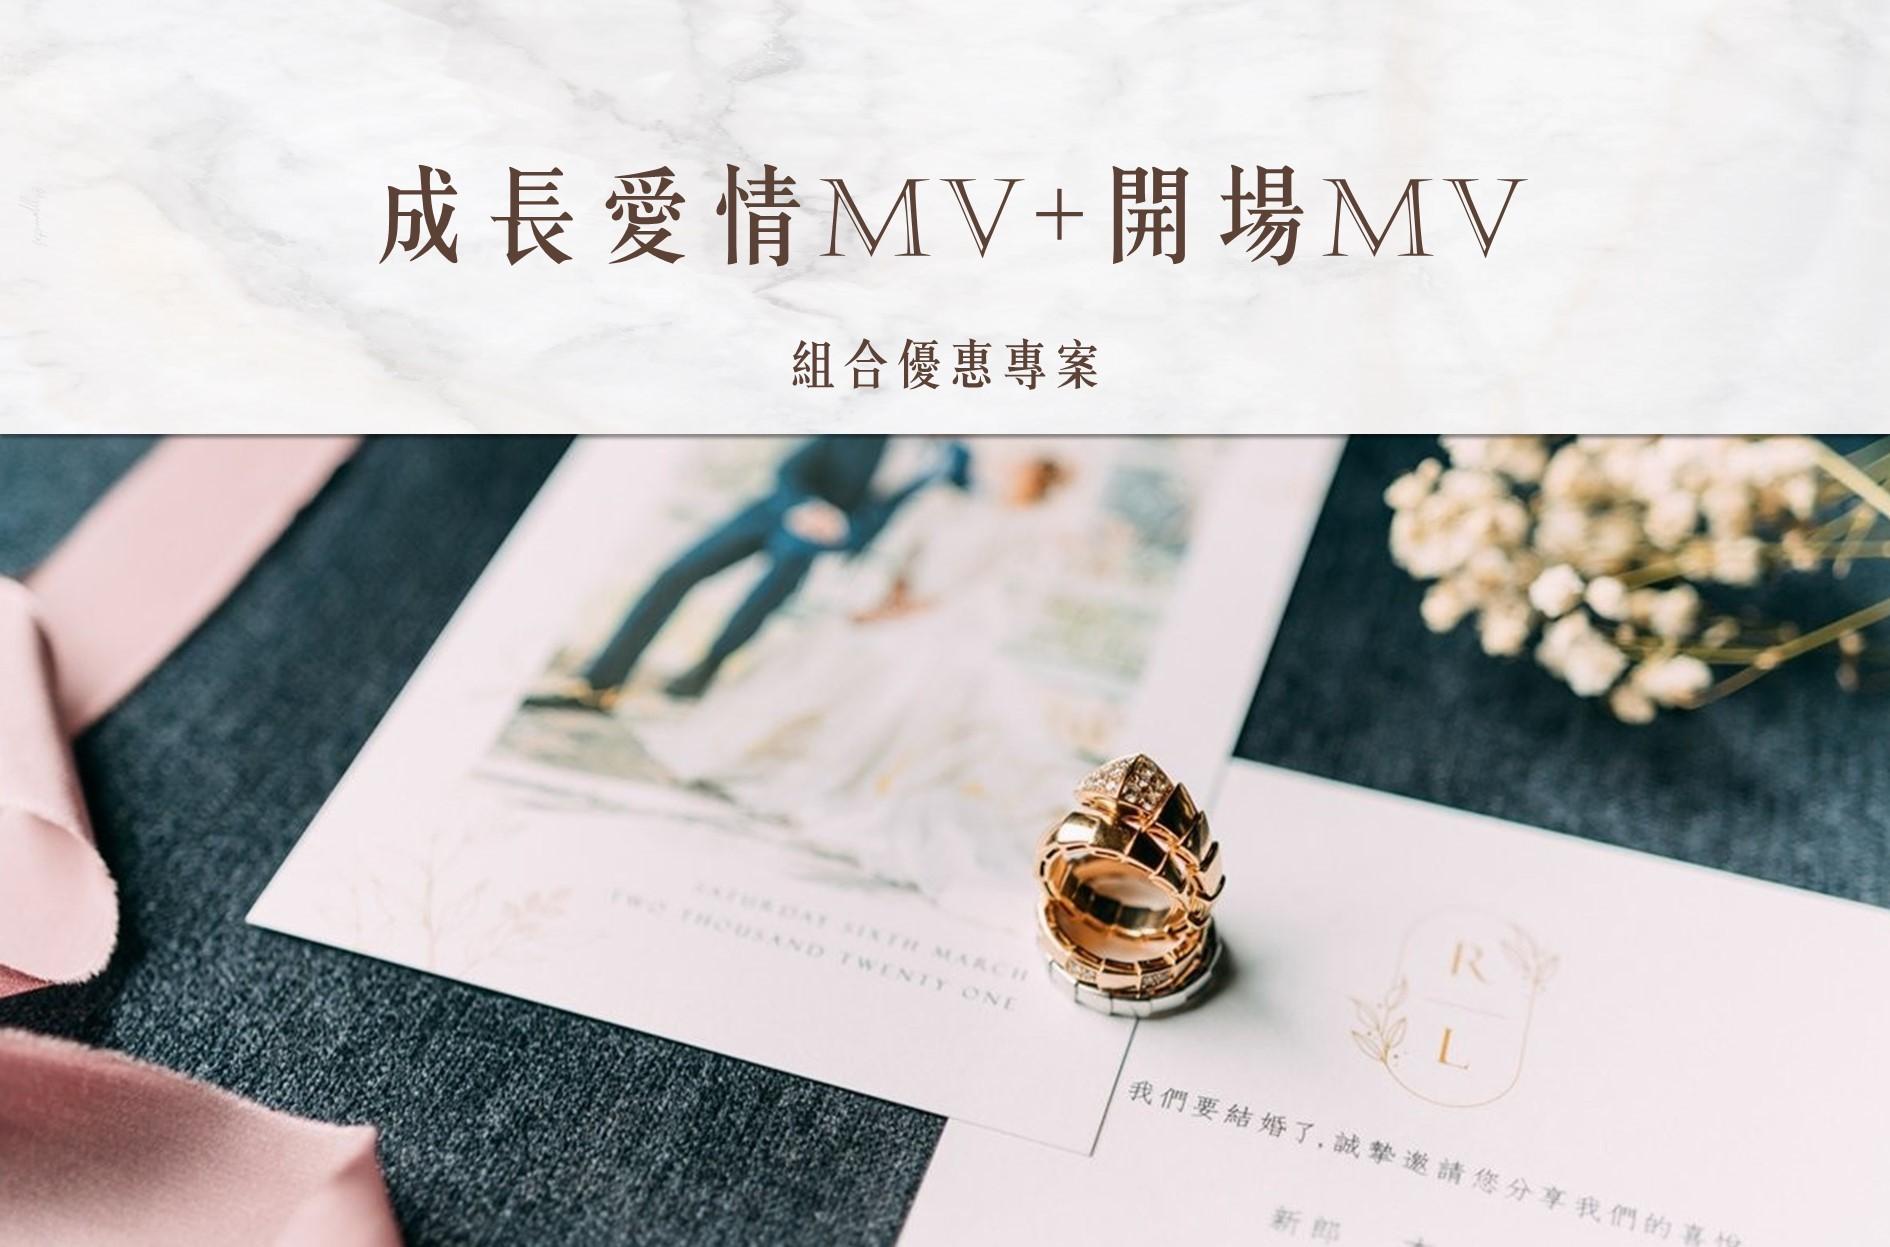 〖婚禮影片組合優惠〗開場MV+成長愛情MV